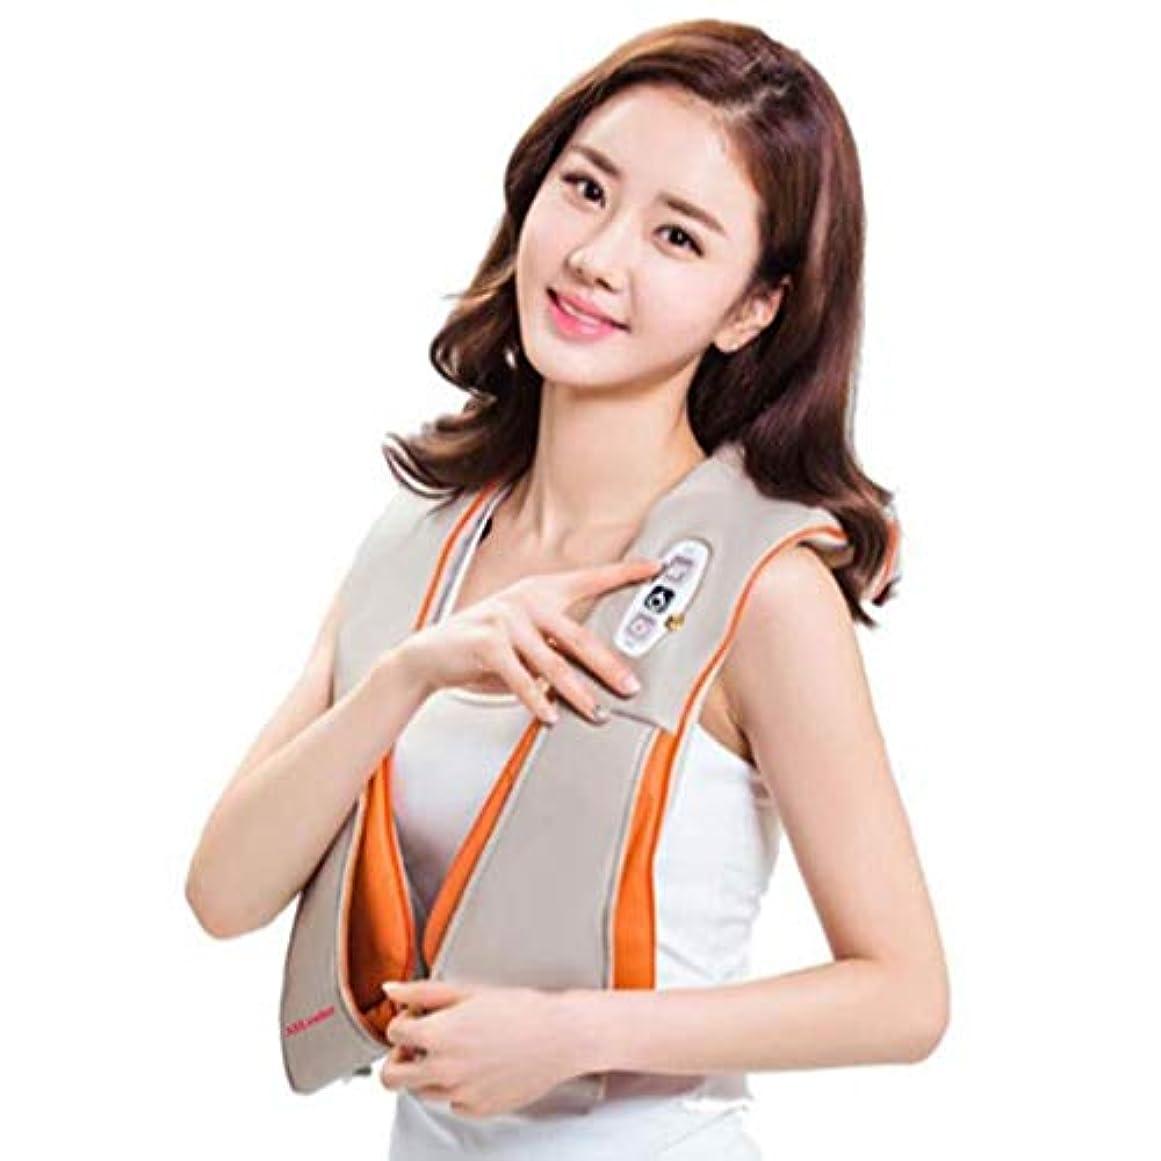 ジョブマスク好み首のマッサージャー、調節可能な強さのための熱および深いティッシュの混練のマッサージの指圧の肩のマッサージャー、事務車で使用することができます